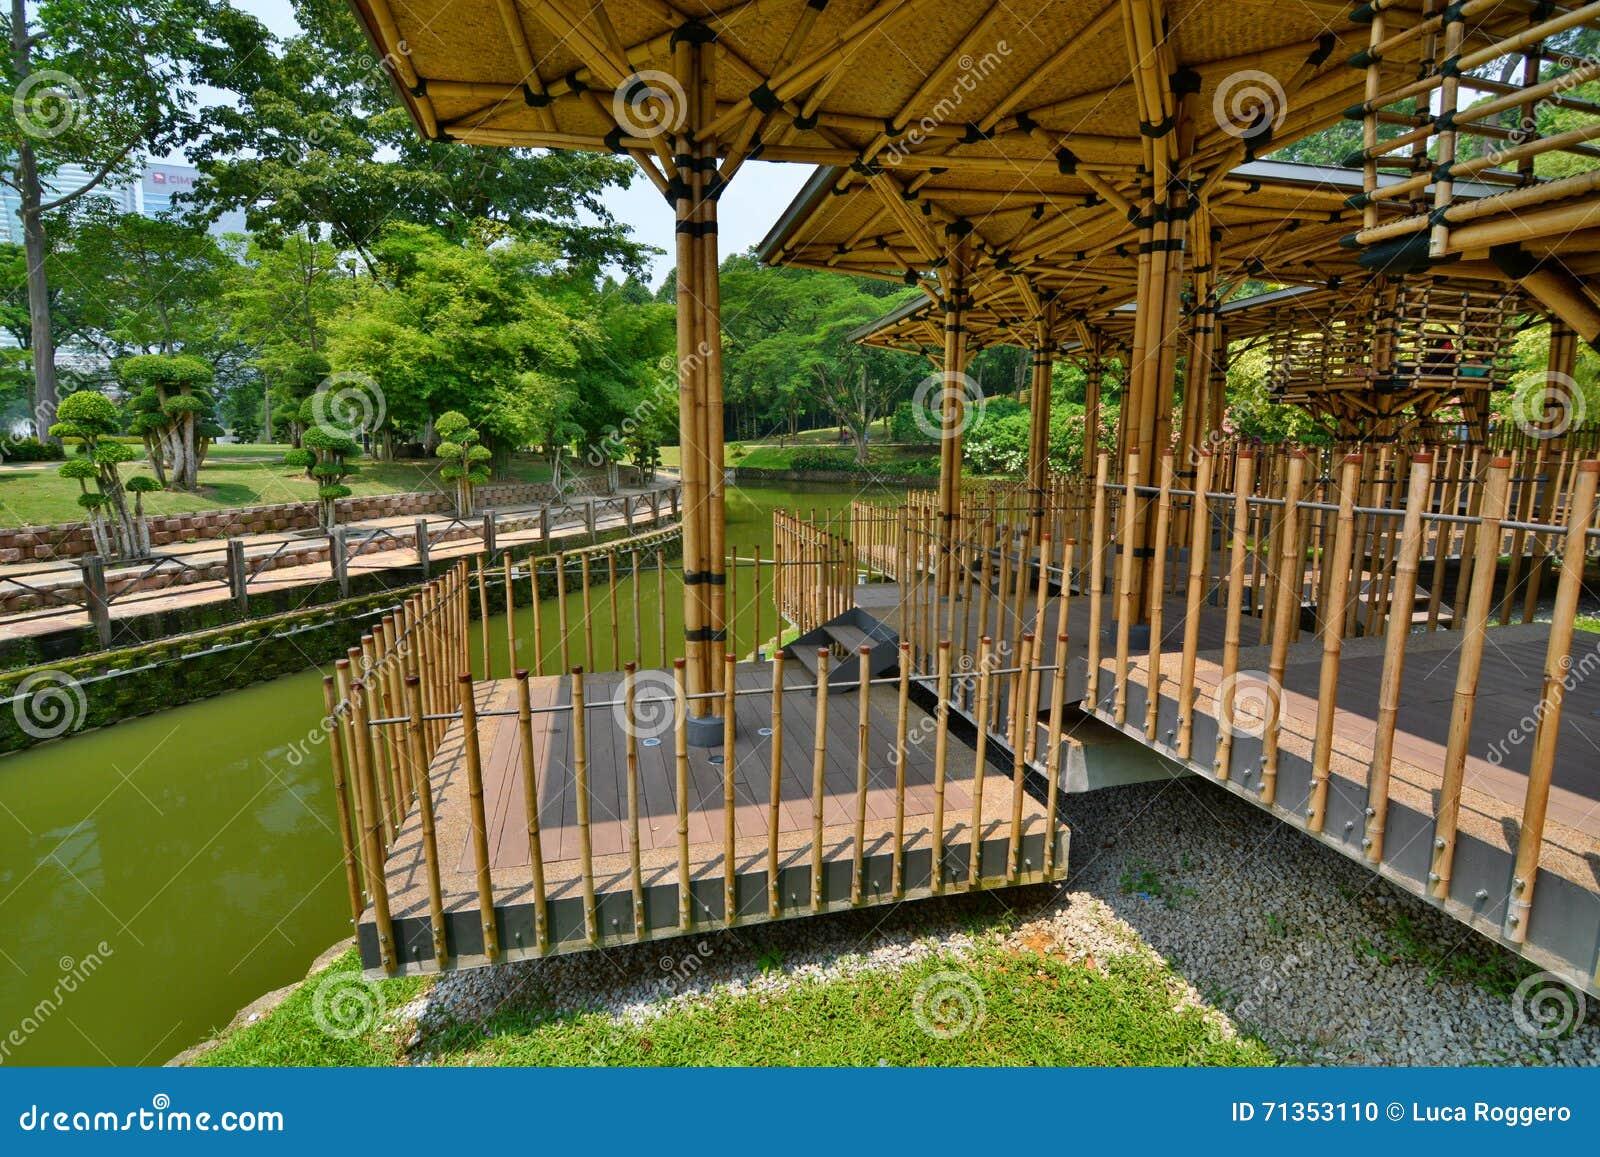 Casetta per giocare di bamb giardino botanico di perdana for Bambu giardino